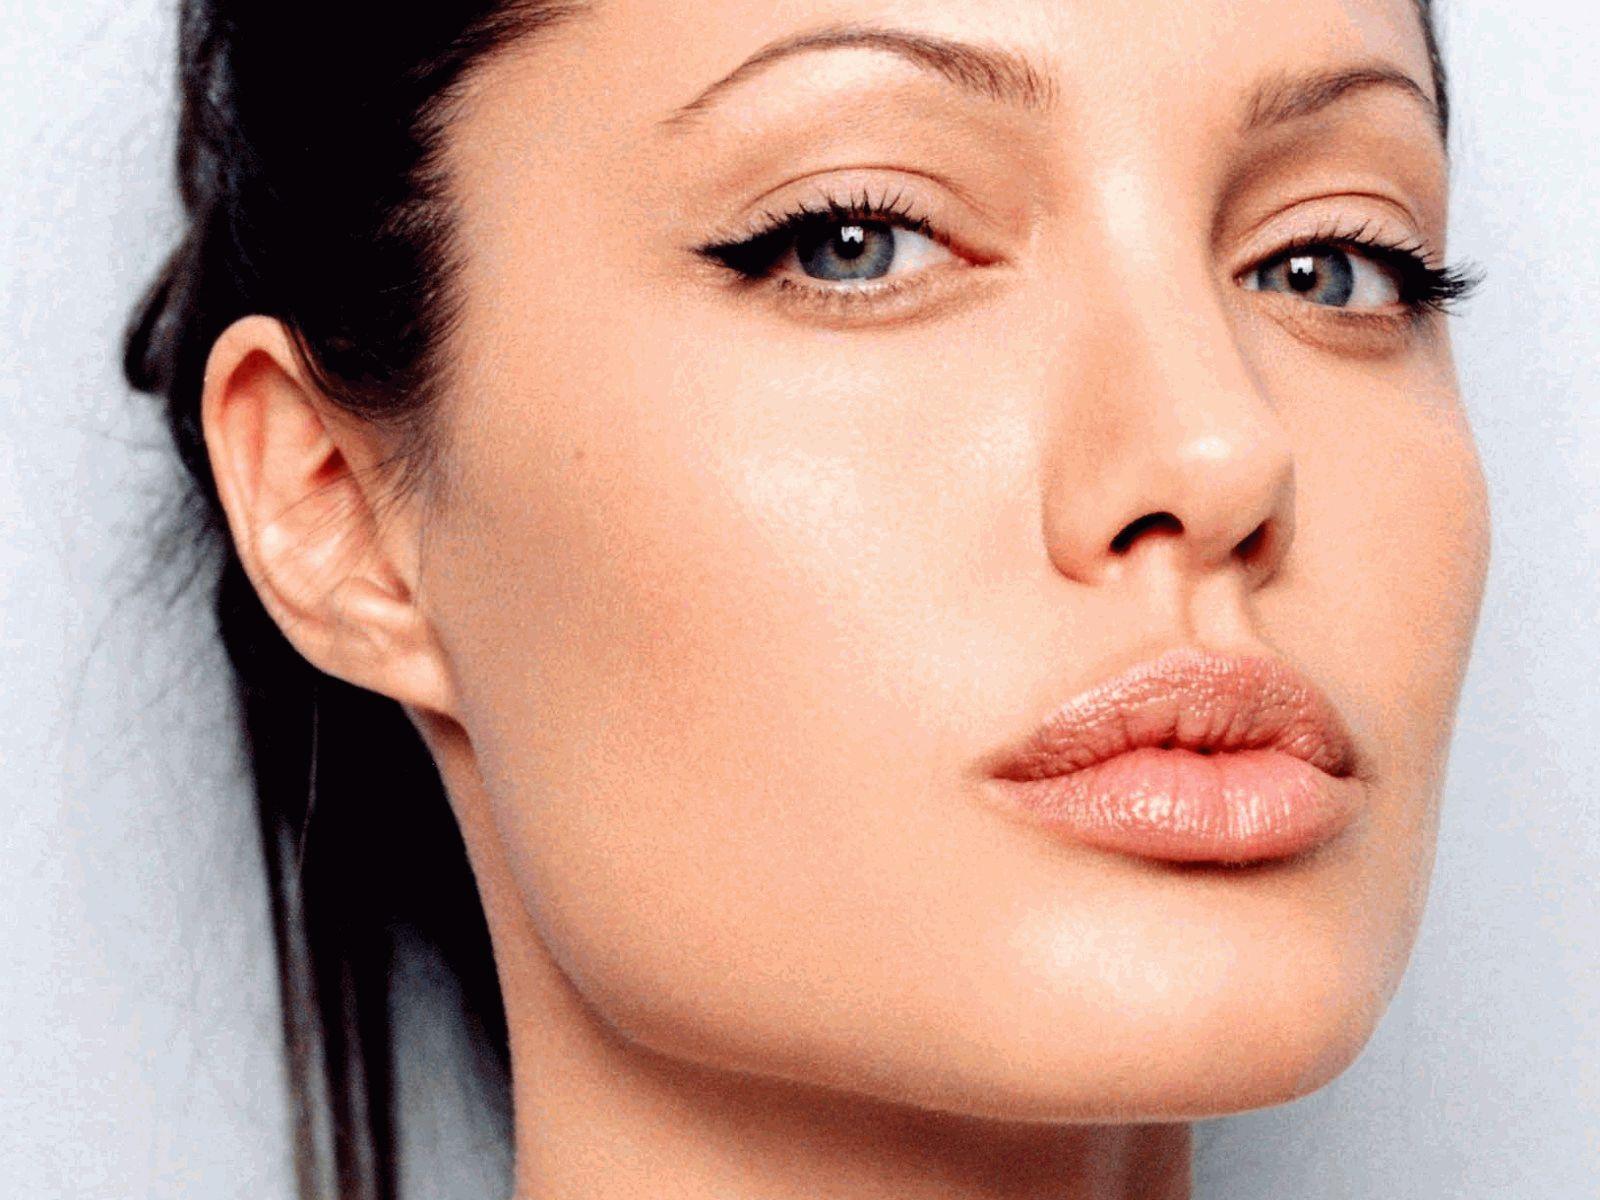 упражнения для губ,Анджелина Джоли,увеличить губы